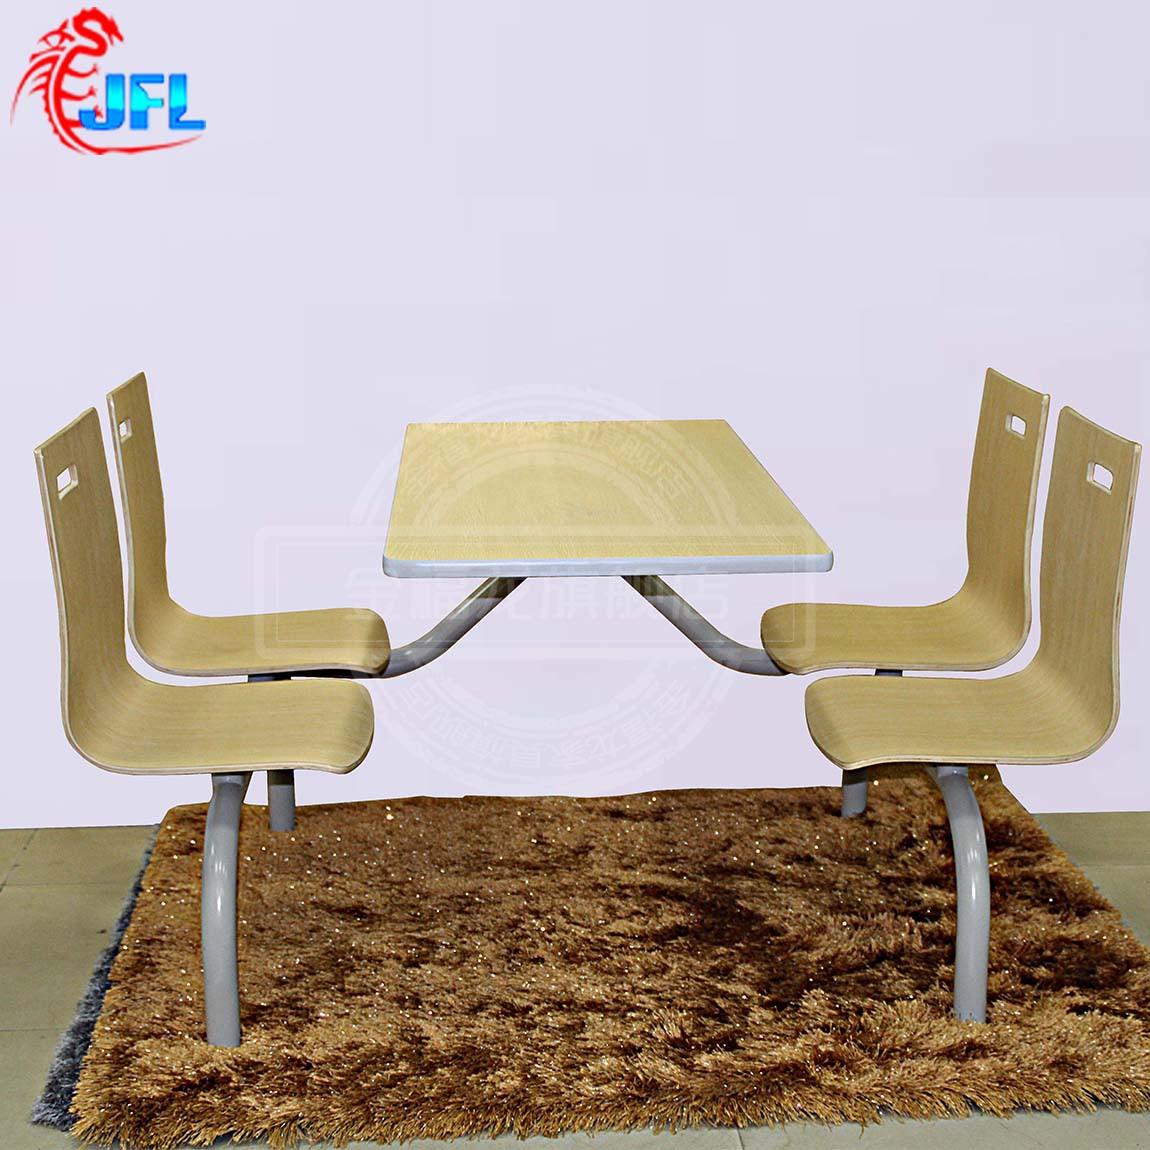 金福龙 金属组装铁木框架结构移动长方形简约现代 餐桌